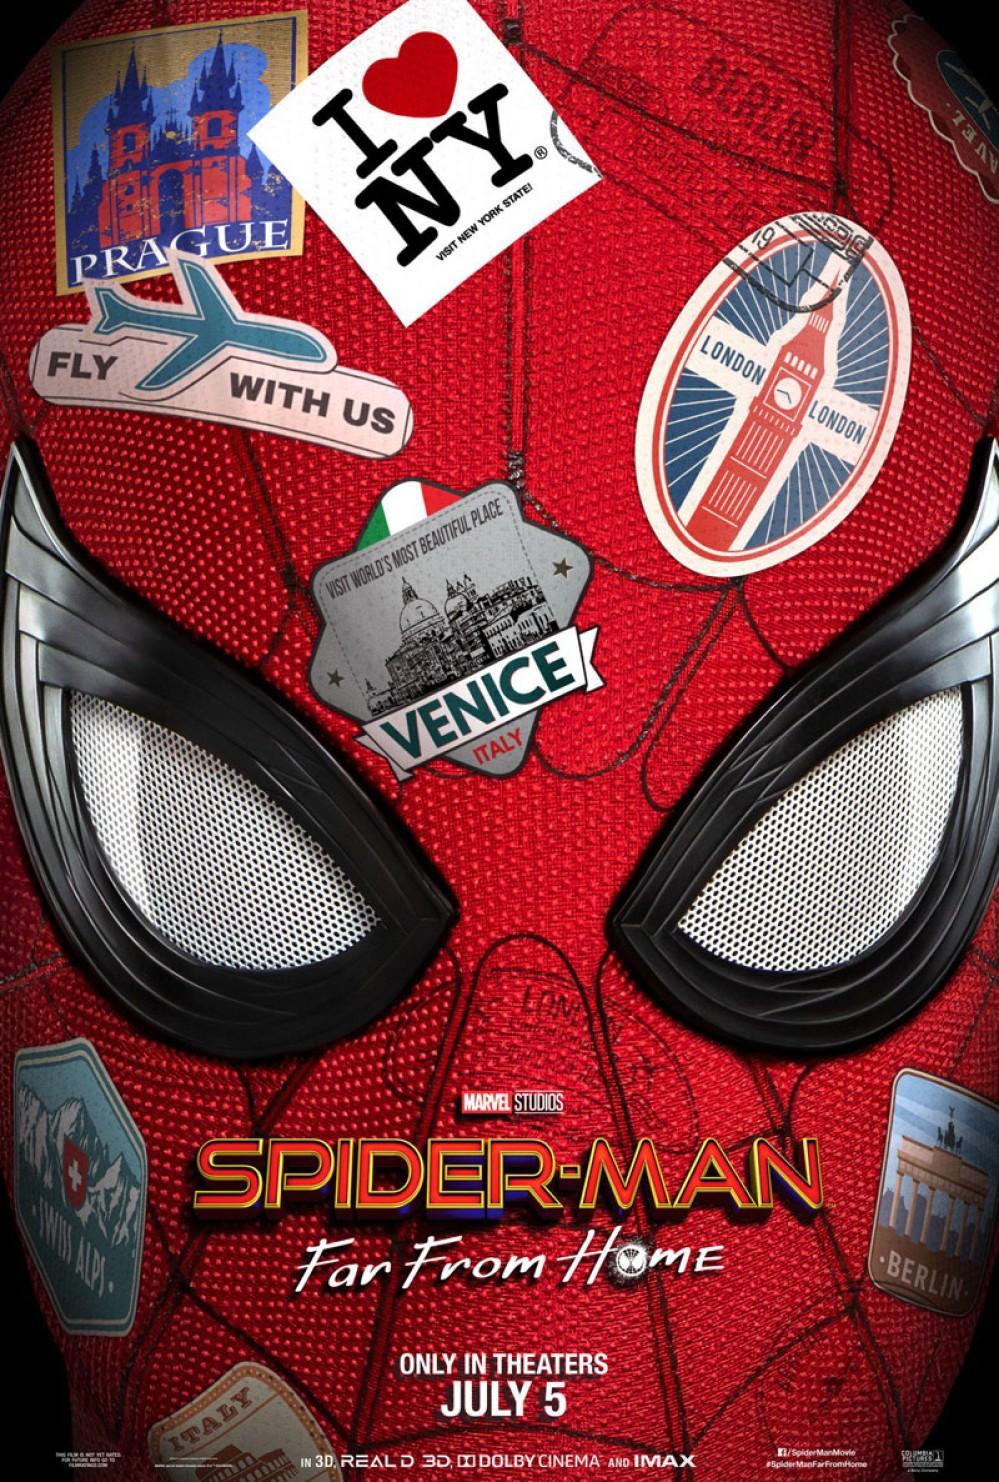 Spider-Man: Far From Home, δείτε το πρώτο trailer για τη νέα ταινία